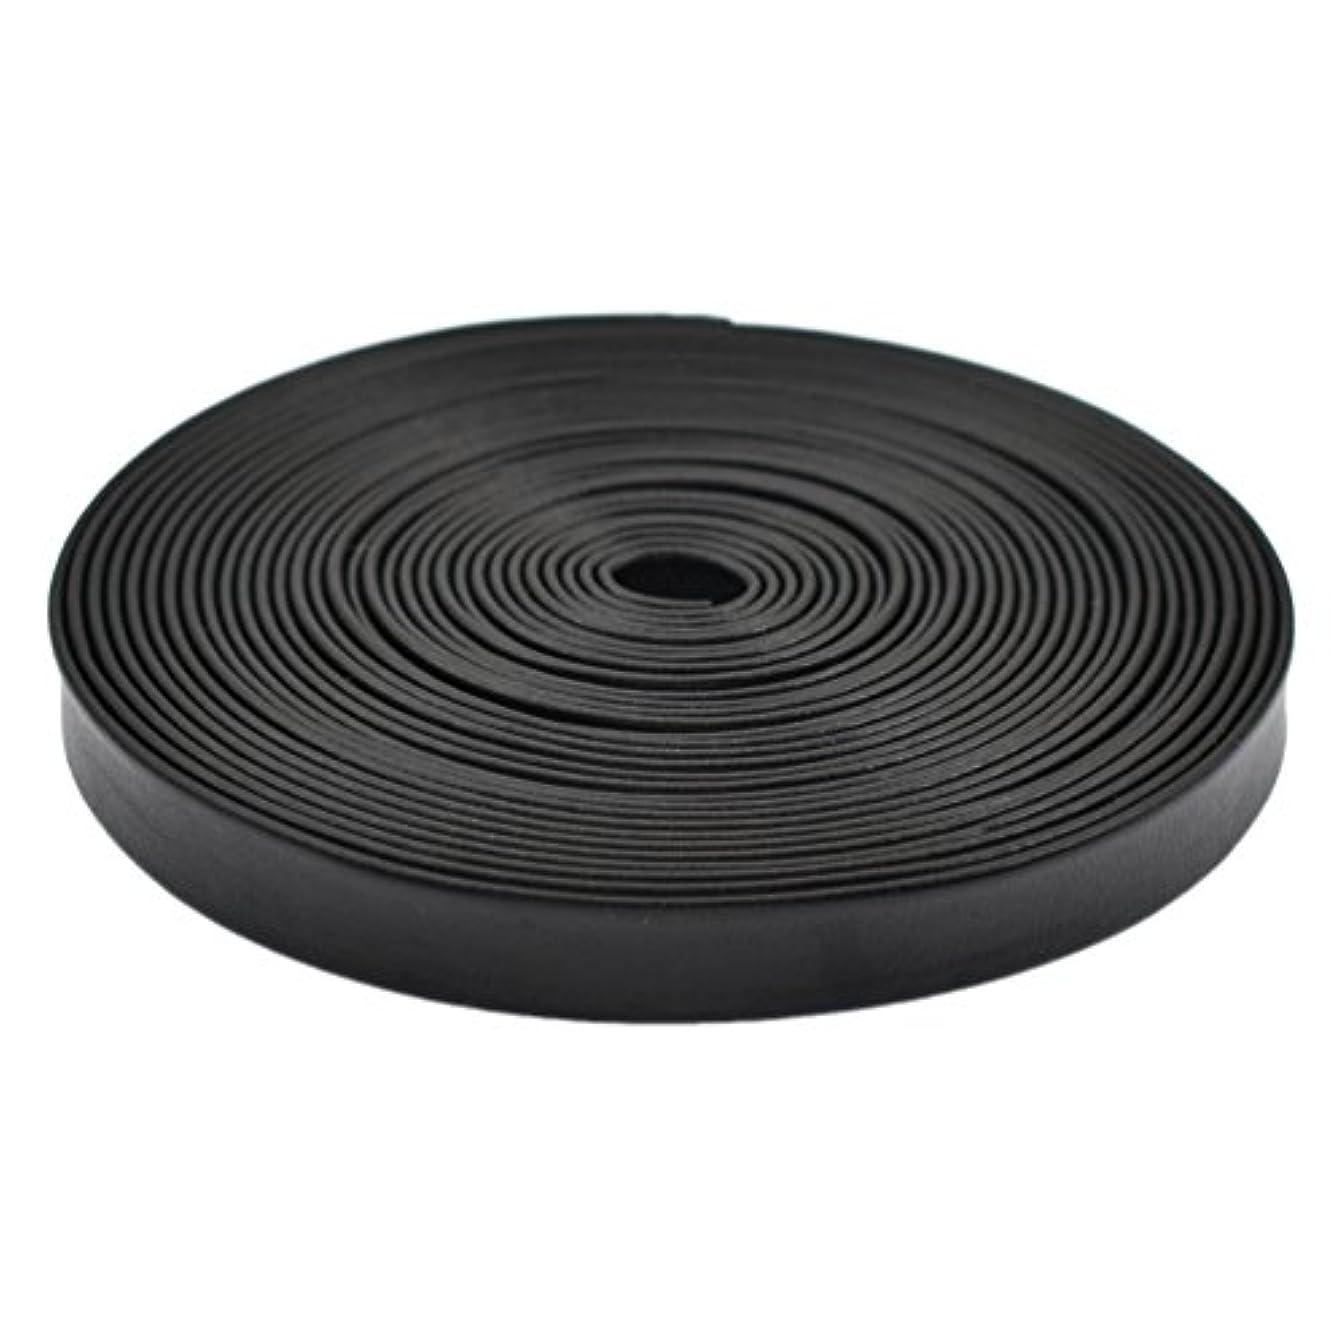 ベリー時々クラブ(ライチ)Lychee 合皮 PUレザー テープ コード リボン レザークラフト 長さ5m ブラック